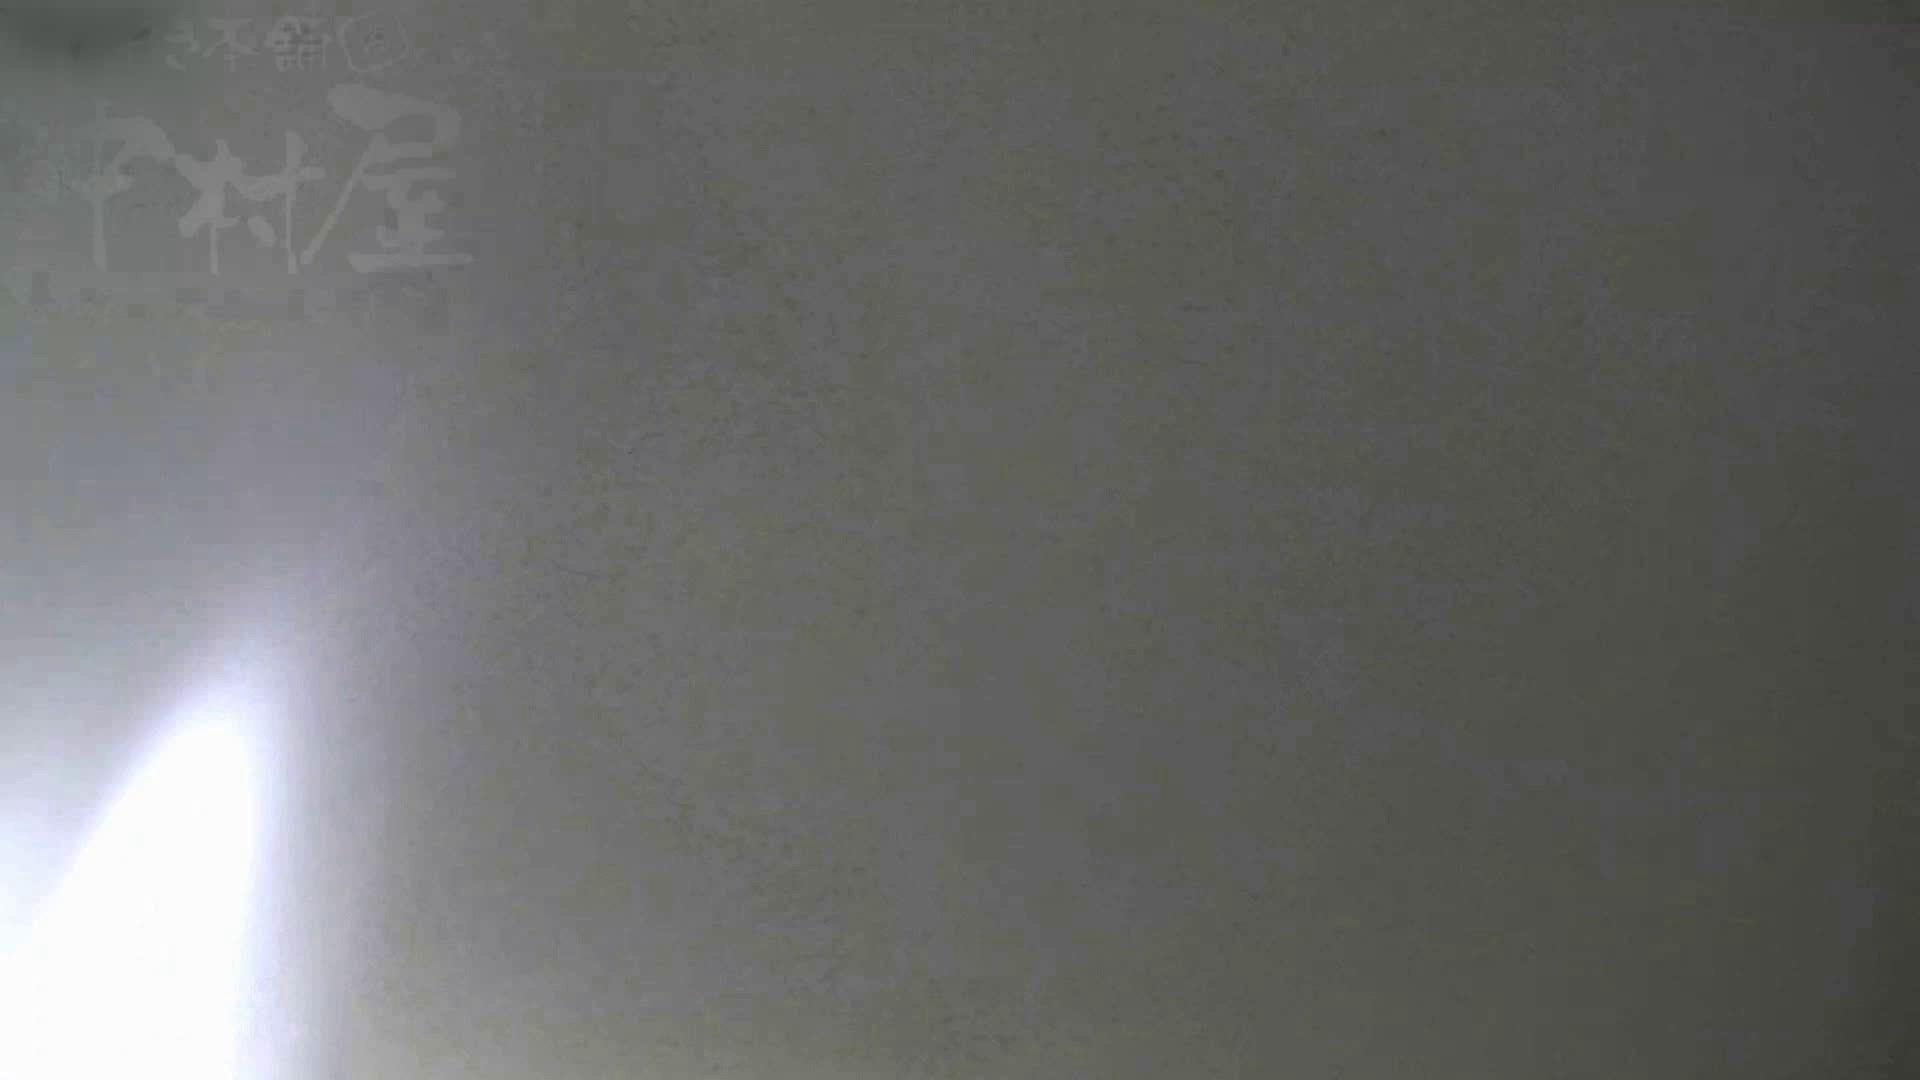 美しい日本の未来 No.02 盗撮 オマンコ無修正動画無料 72PICs 62